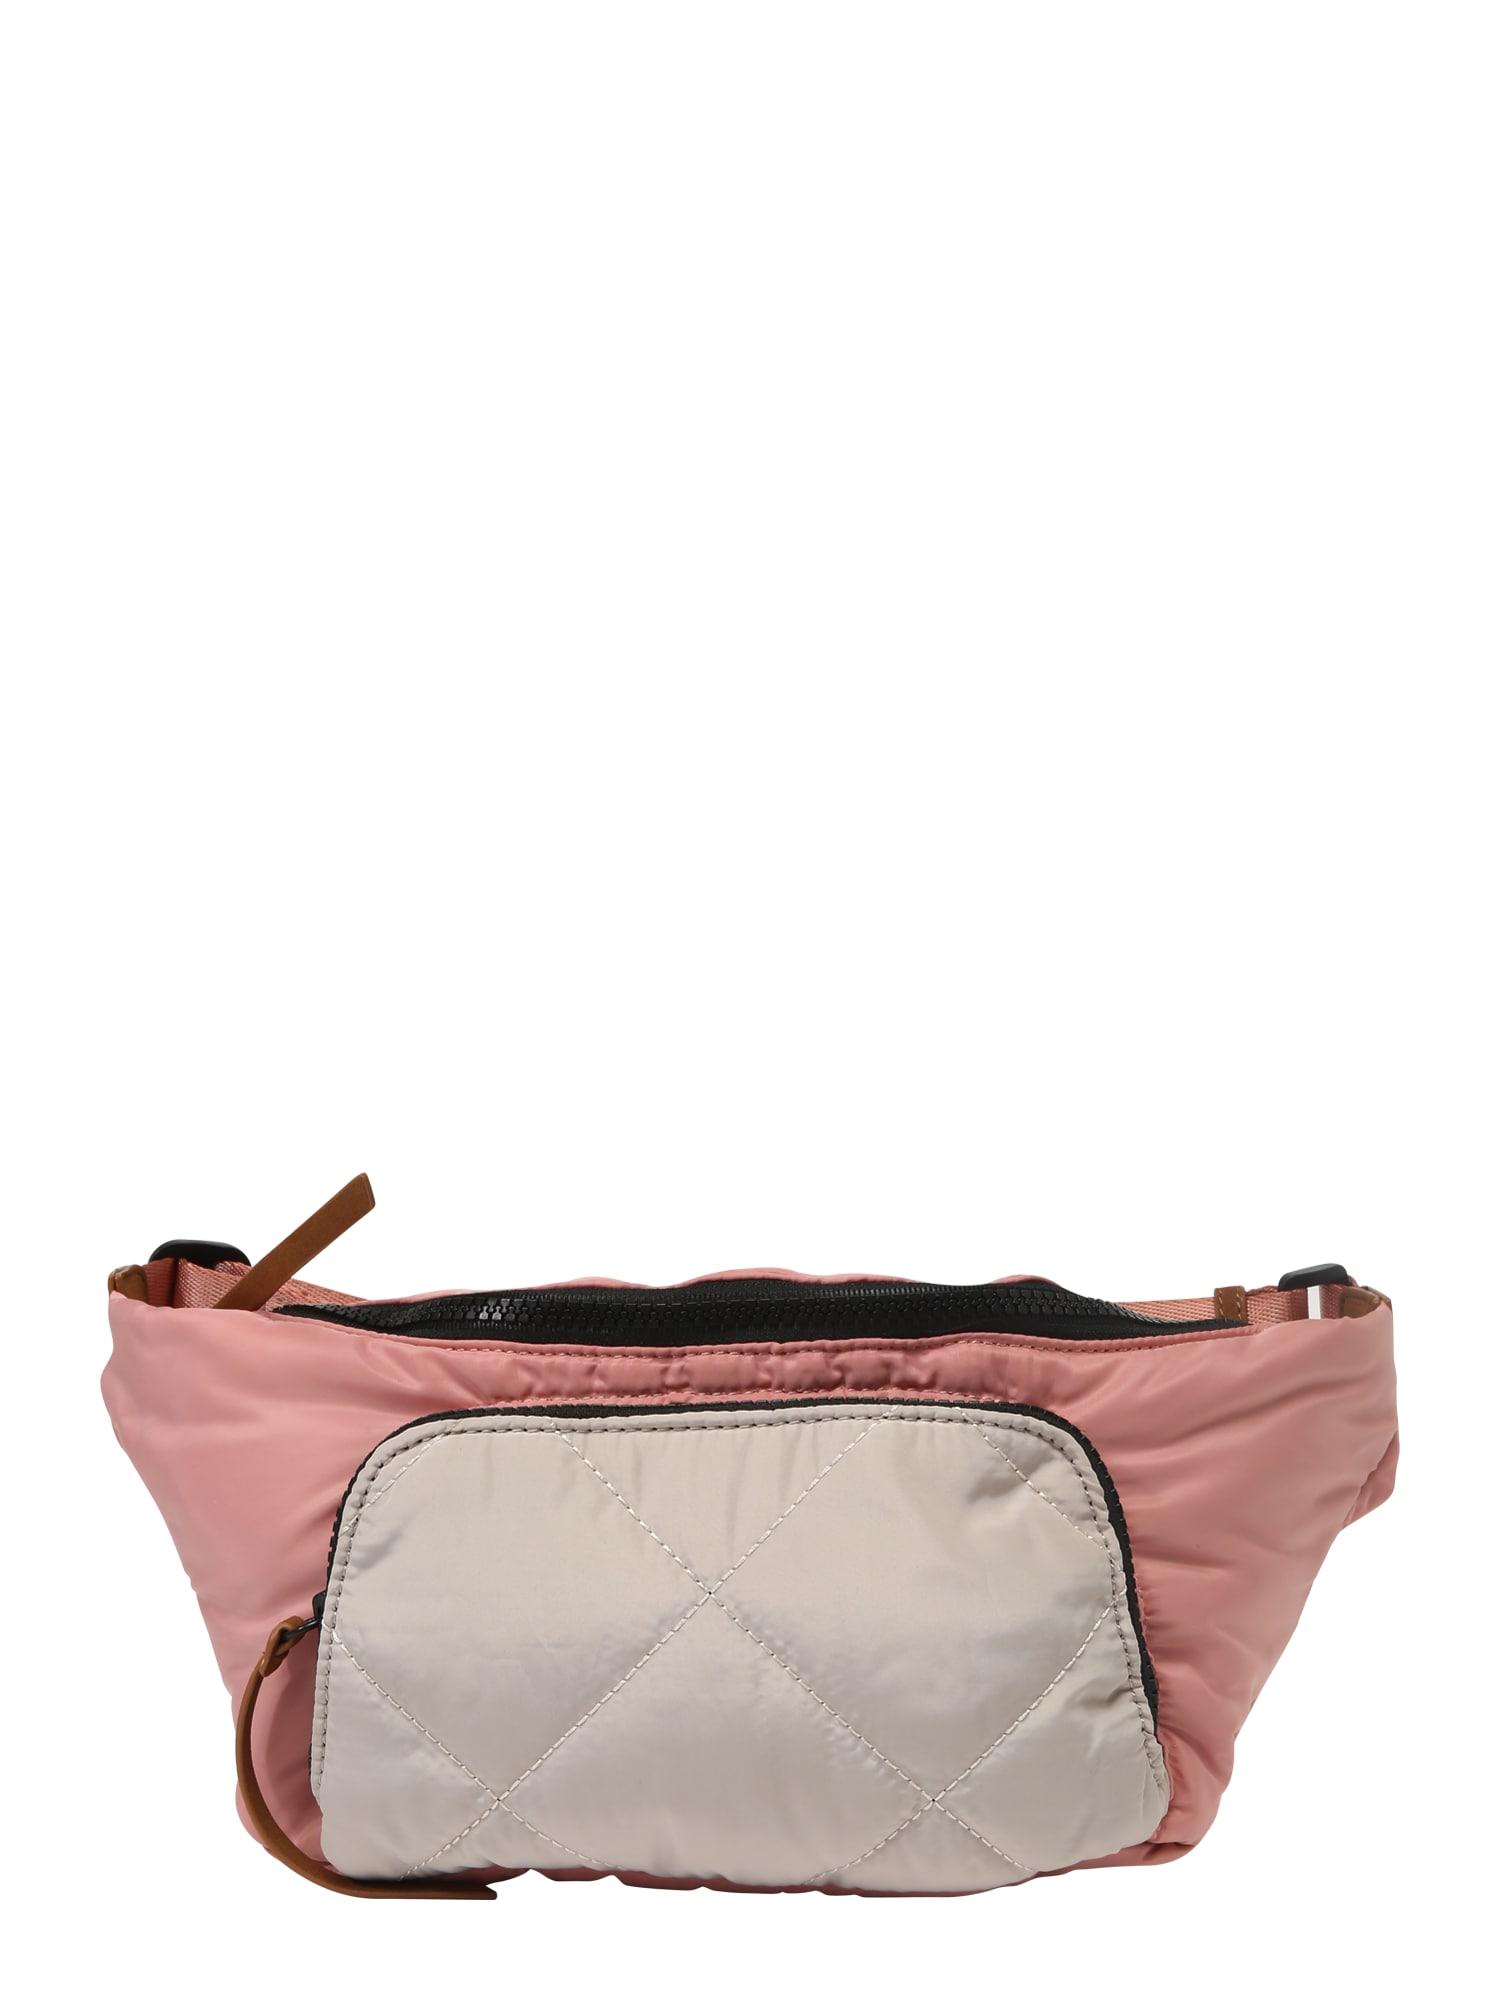 Ledvinka PCSANTINO BUM BAG růžová PIECES